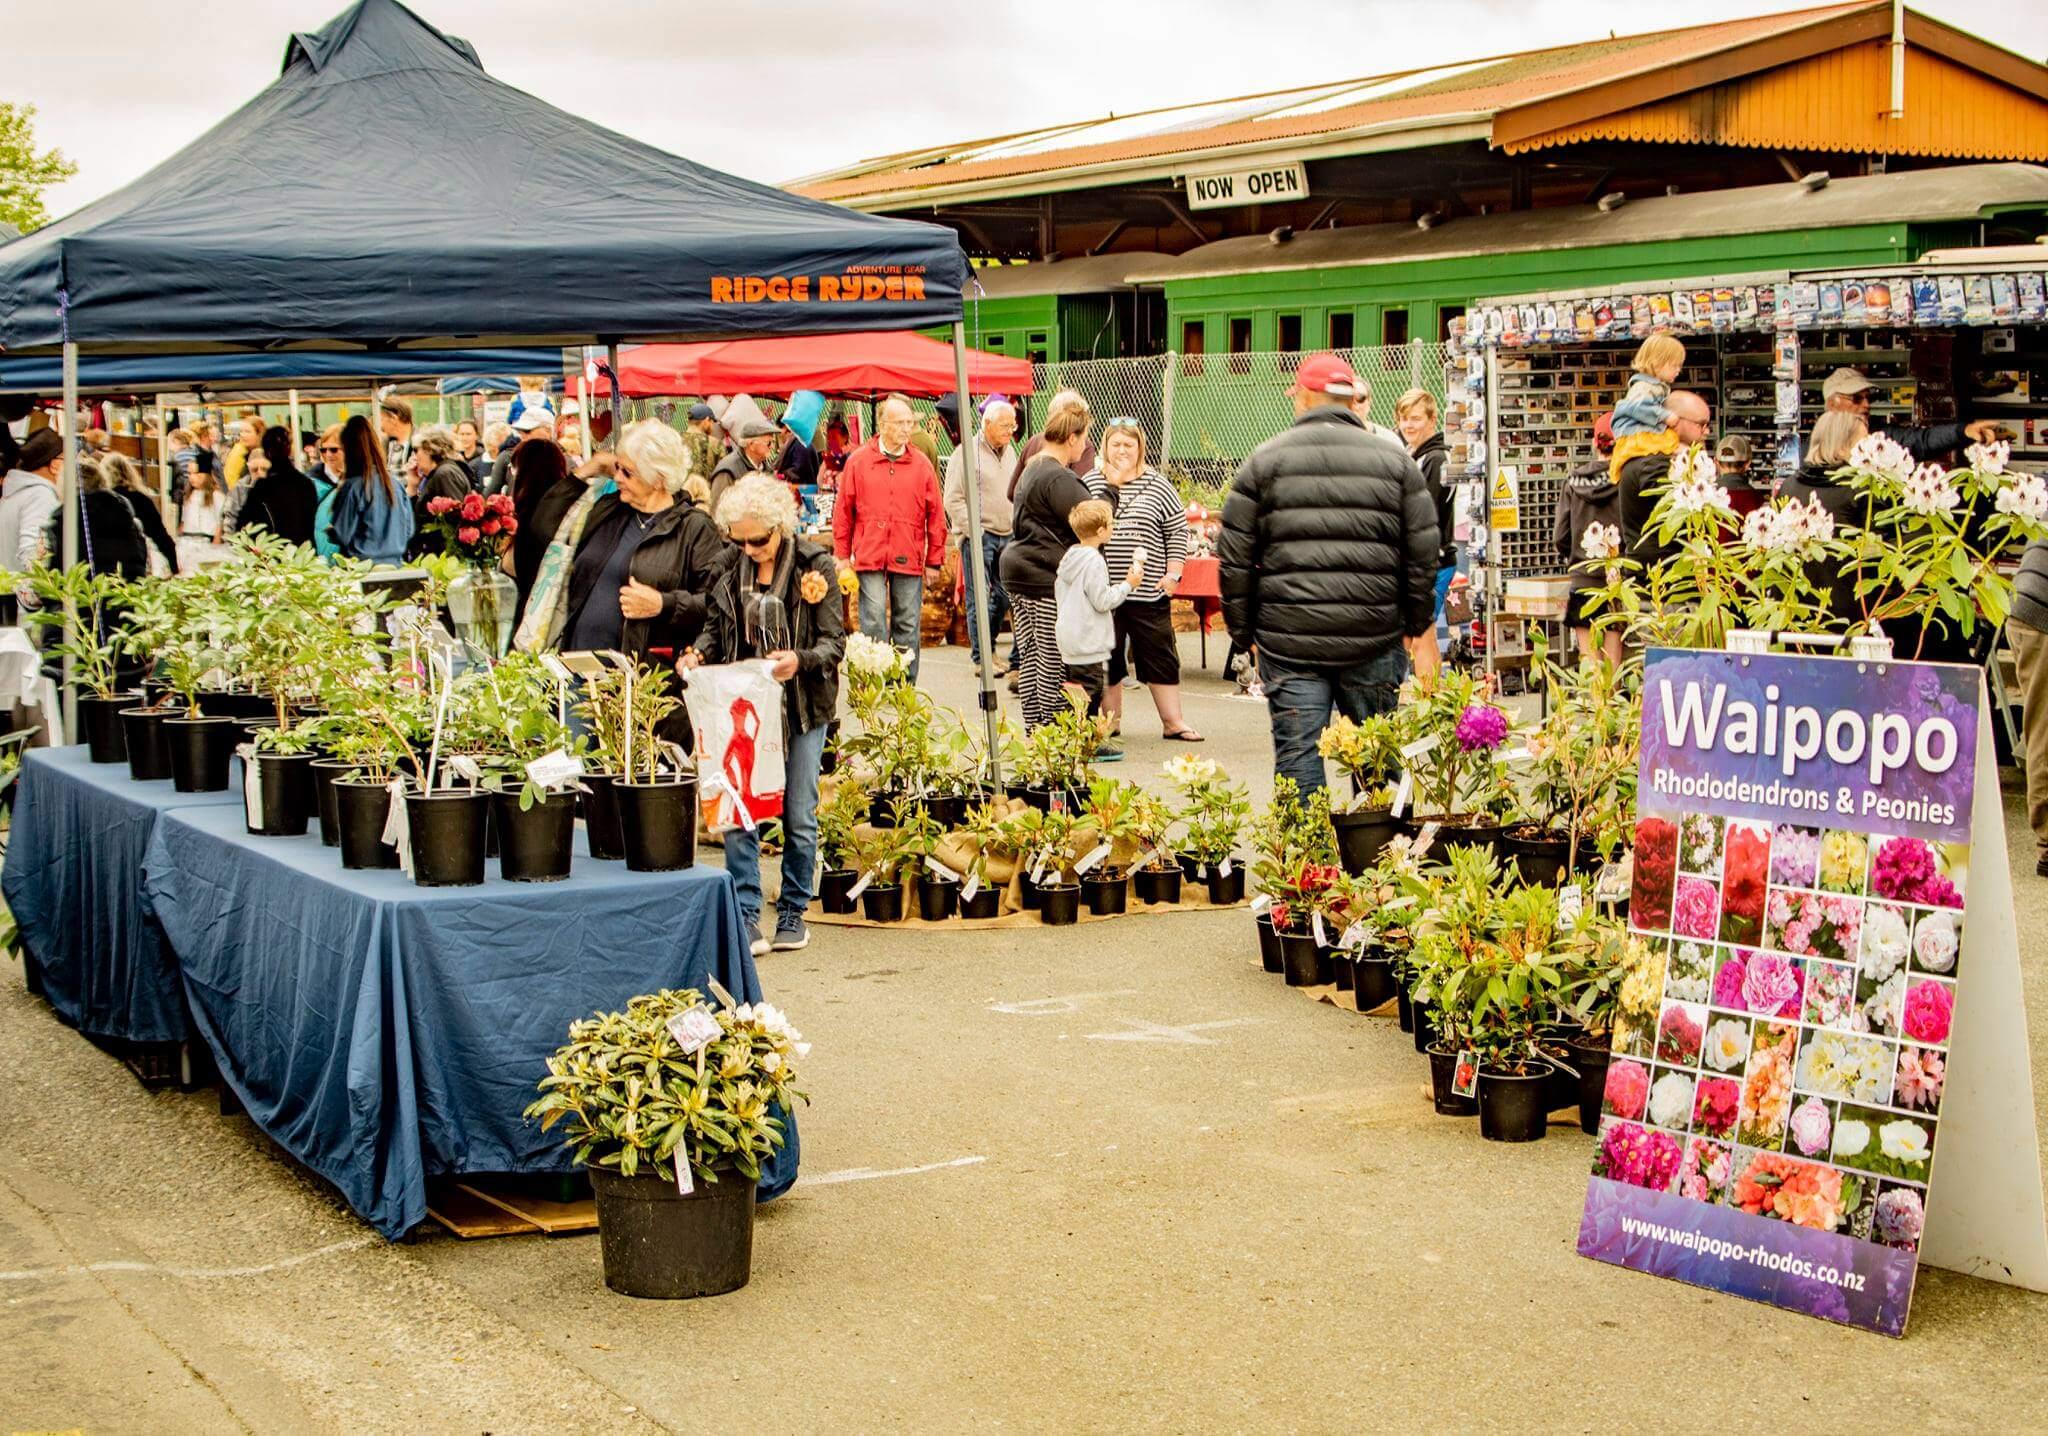 Market & Garden stalls